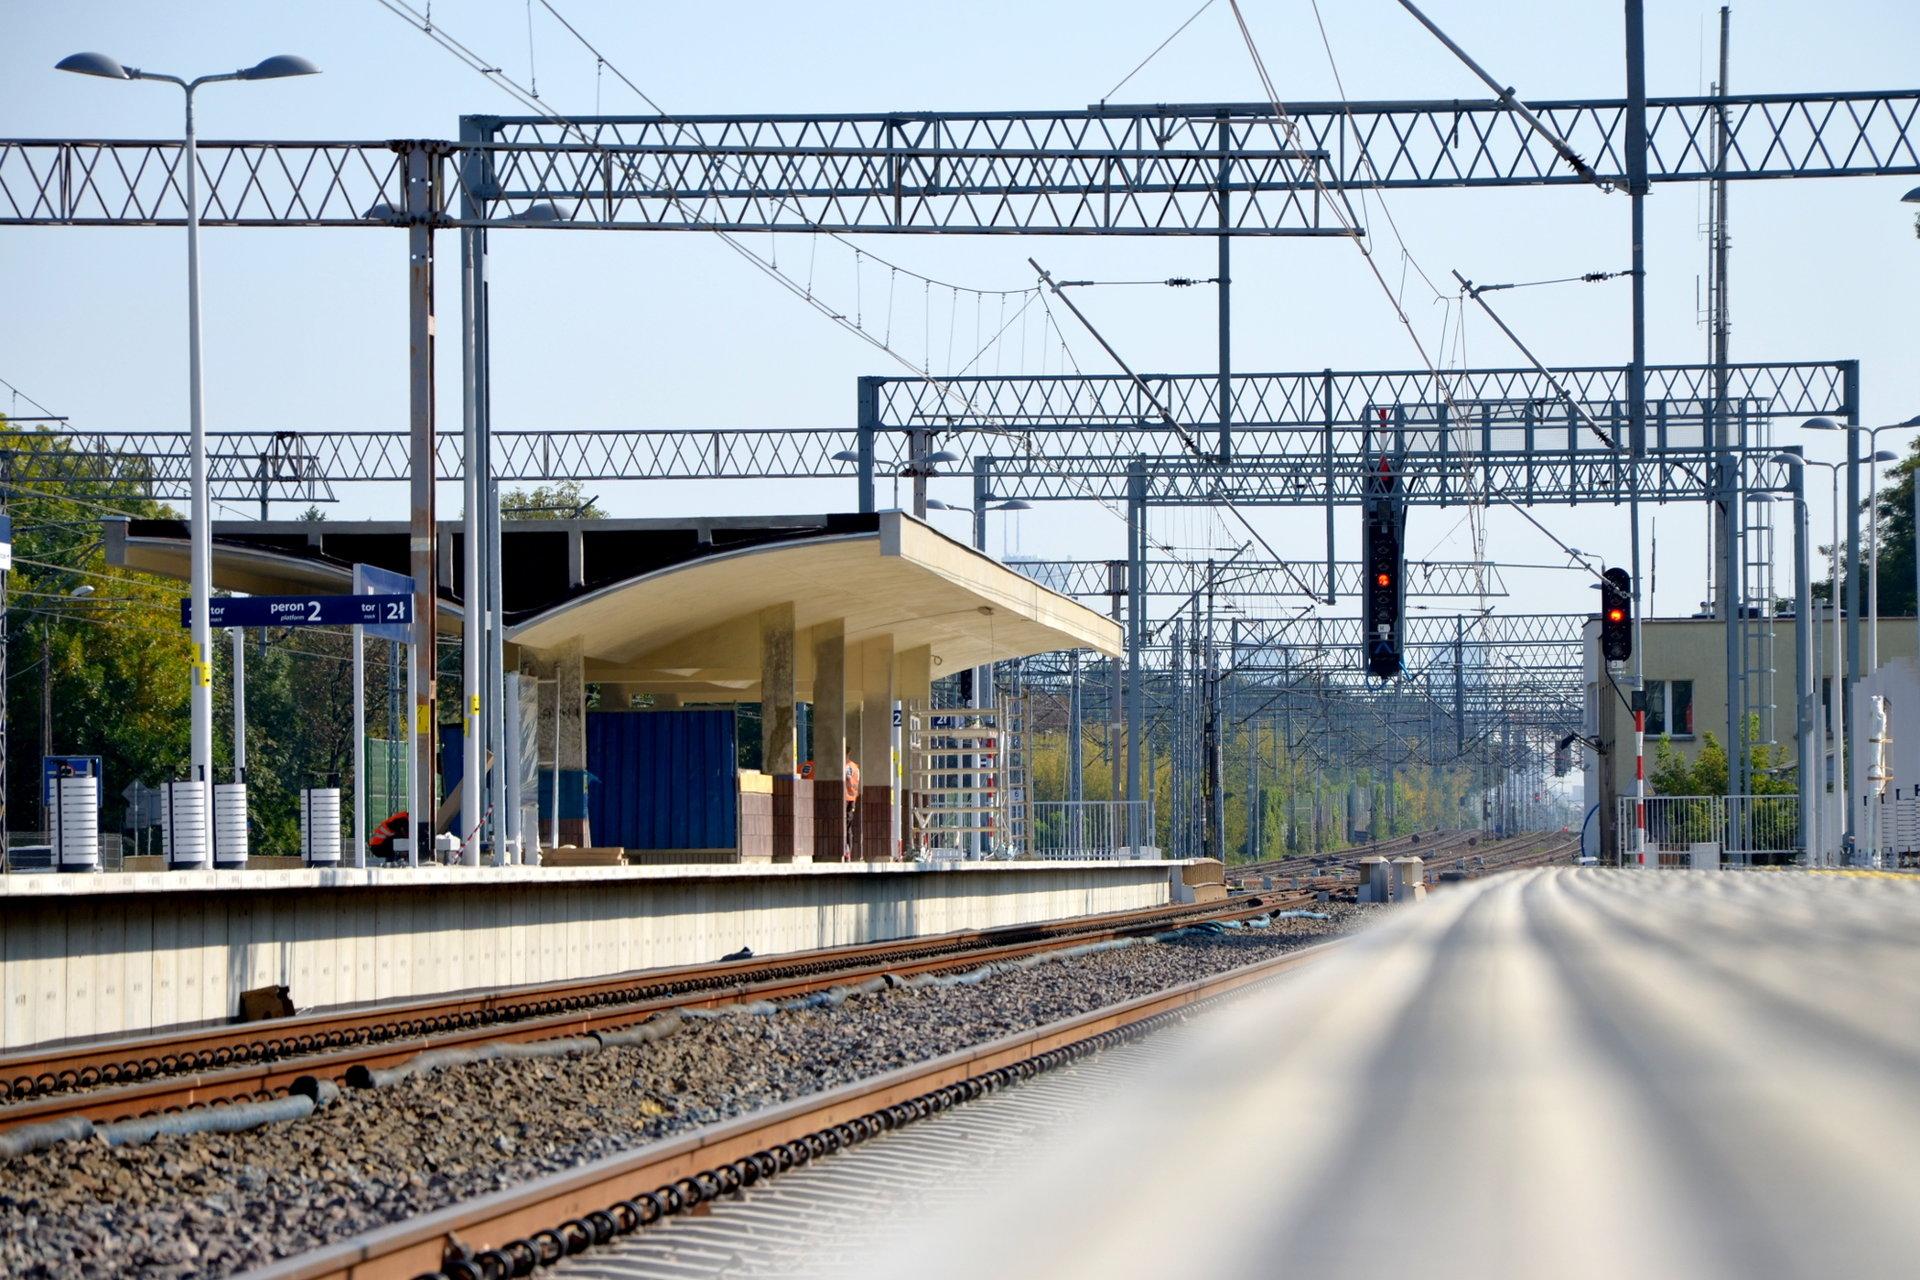 24 września pociągi powrócą na linię Grodzisk Mazowiecki-Warszawa. Czas na jazdy testowe przewoźników